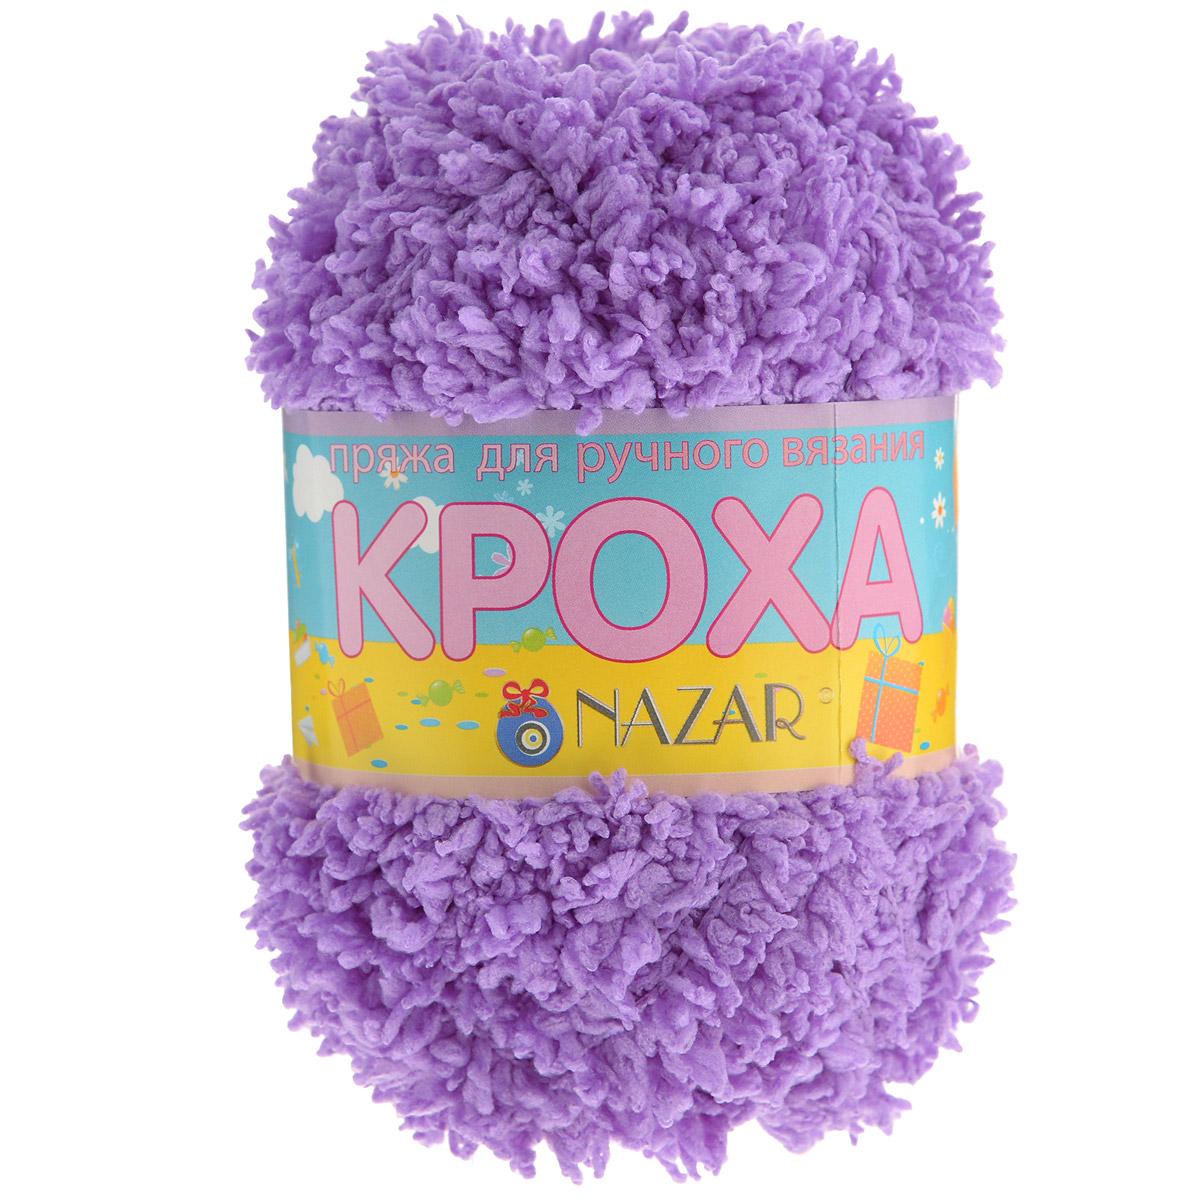 Пряжа для вязания детская Nazar Кроха, цвет: сиреневый (517), 75 м, 50 г, 10 шт349017_517Nazar Кроха - это фантастически мягкая пряжа, изготовленная из 100% микрополиэстера. Такая пряжа идеально подойдет для изготовления игрушек или детской одежды. Изделия практичны в носке и уходе. Рекомендуется вязать спицами платочной или чулочной вязкой (кулинарная гладь). Комплектация: 10 мотков. Состав: 100% микрополиэстер.